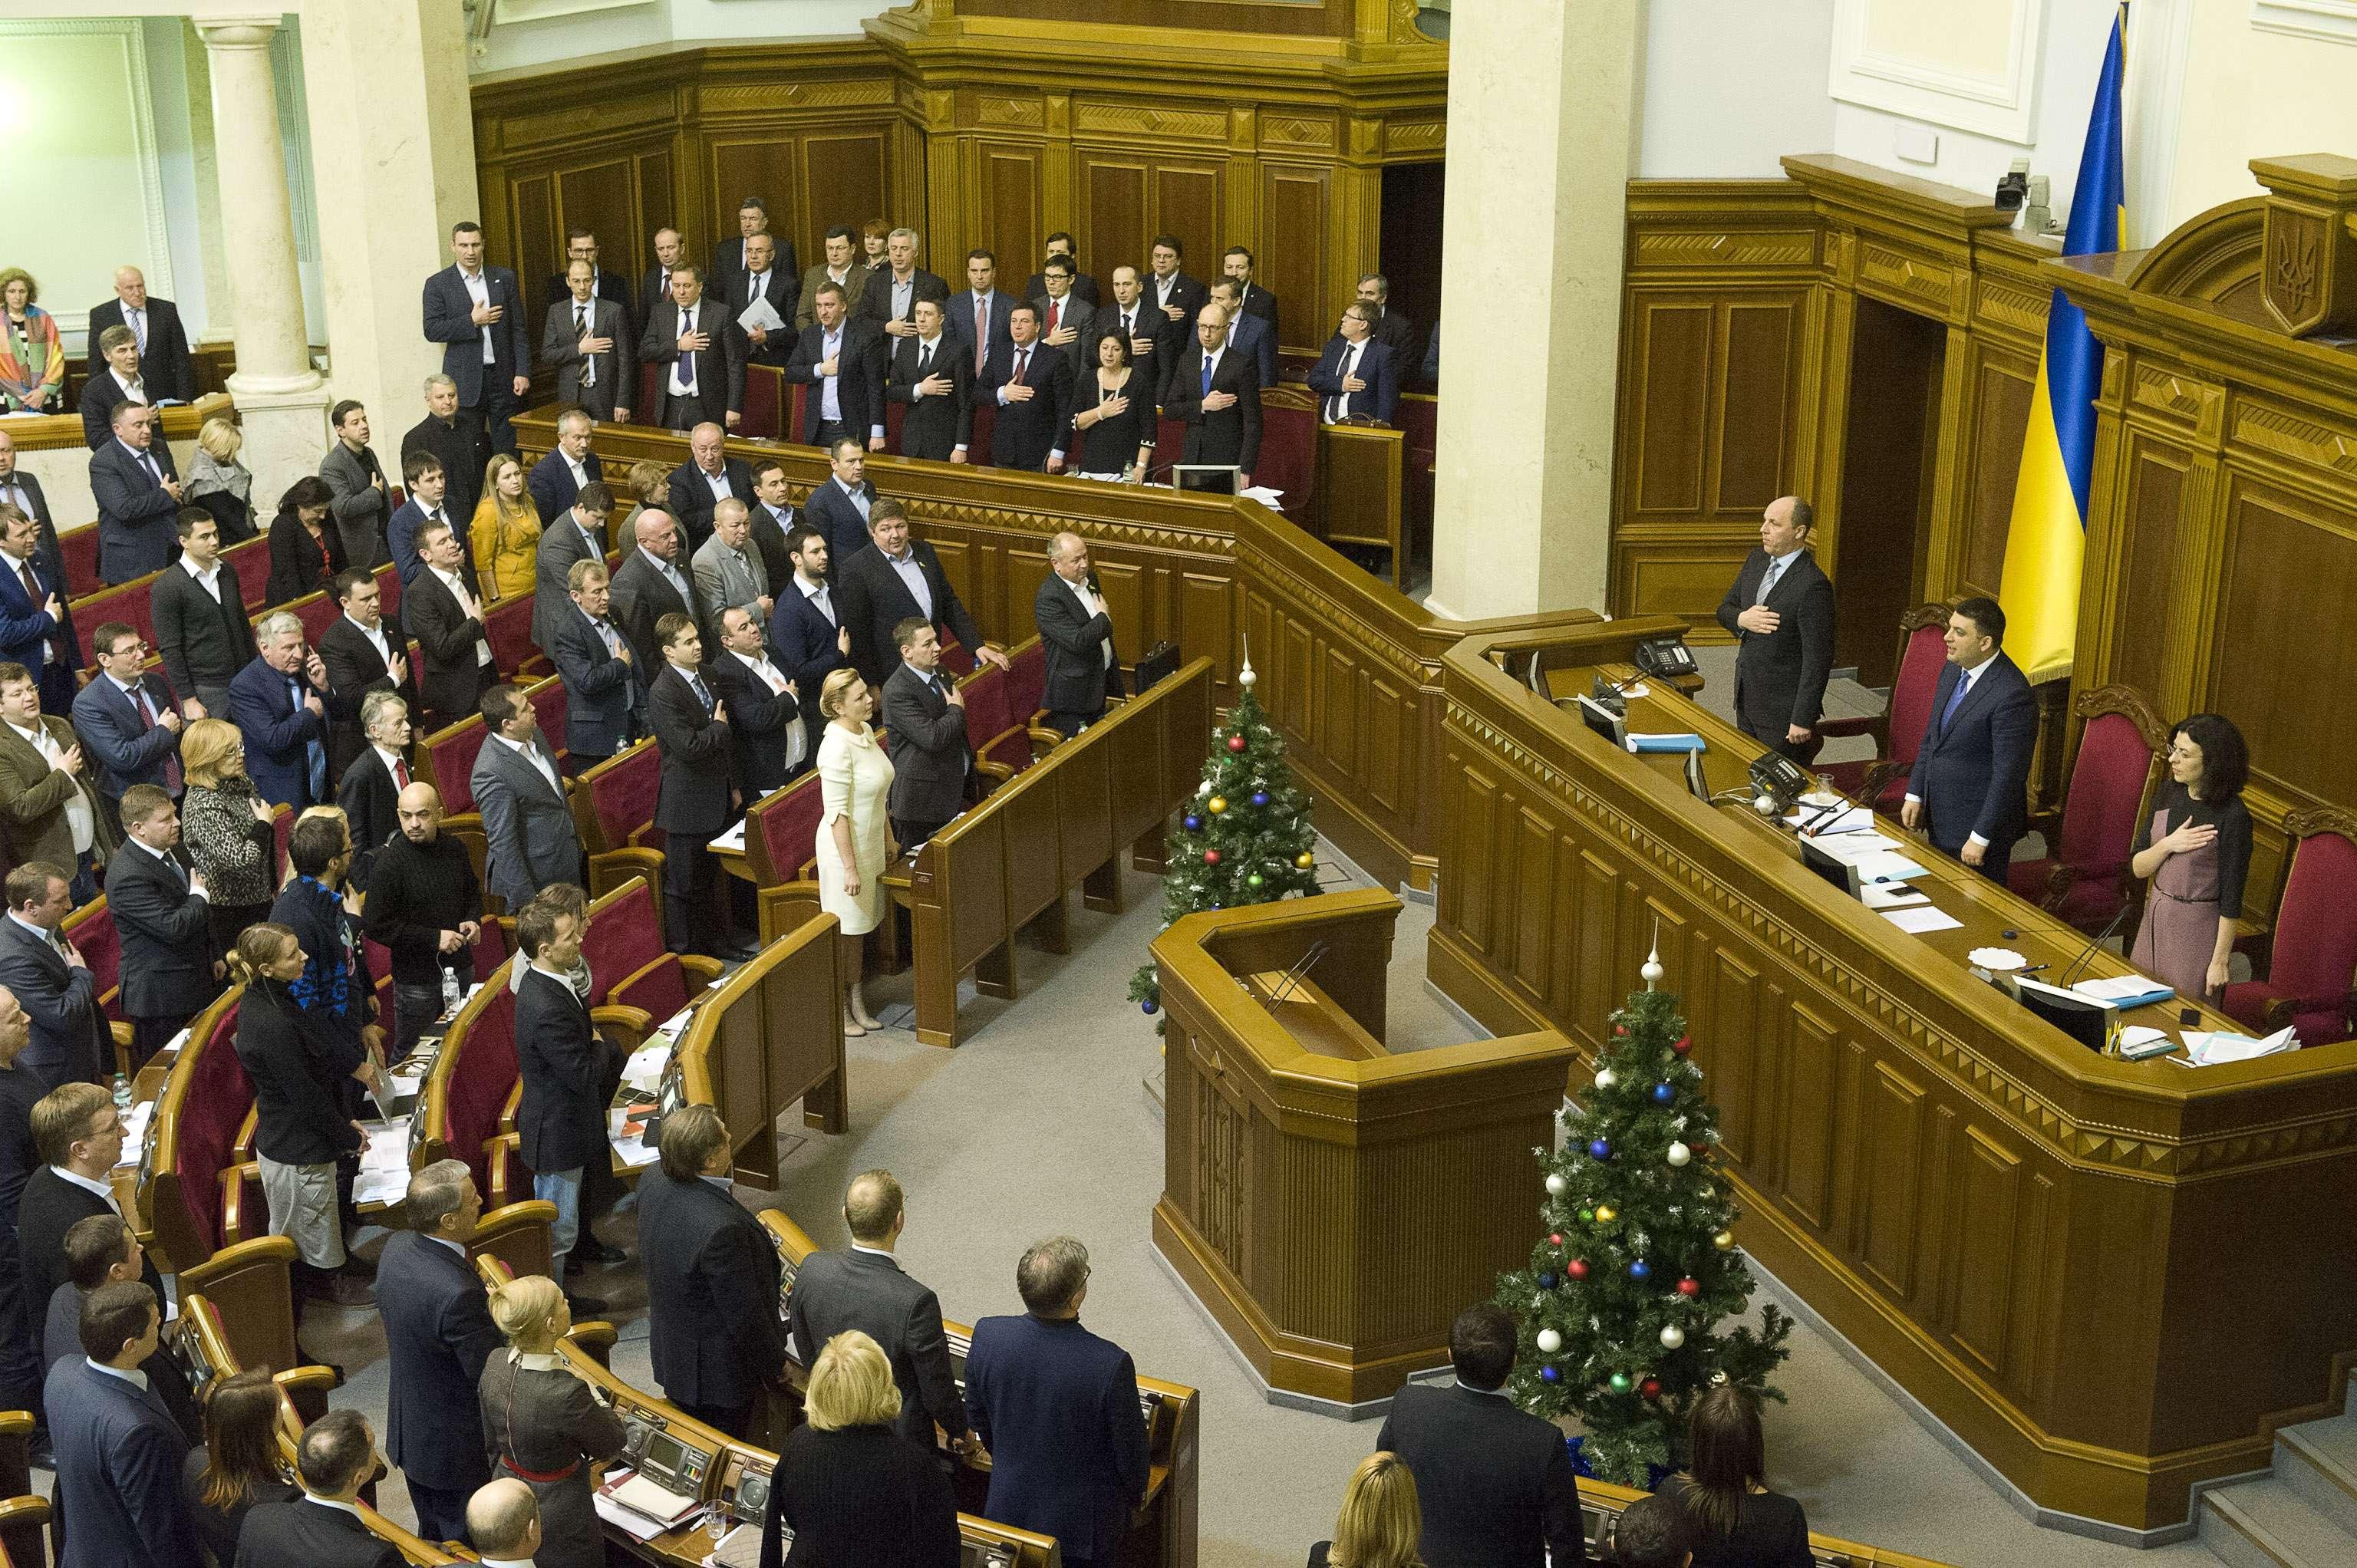 Госдеп США допустил санкции против России из-за украинской провокации в Керченском проливе